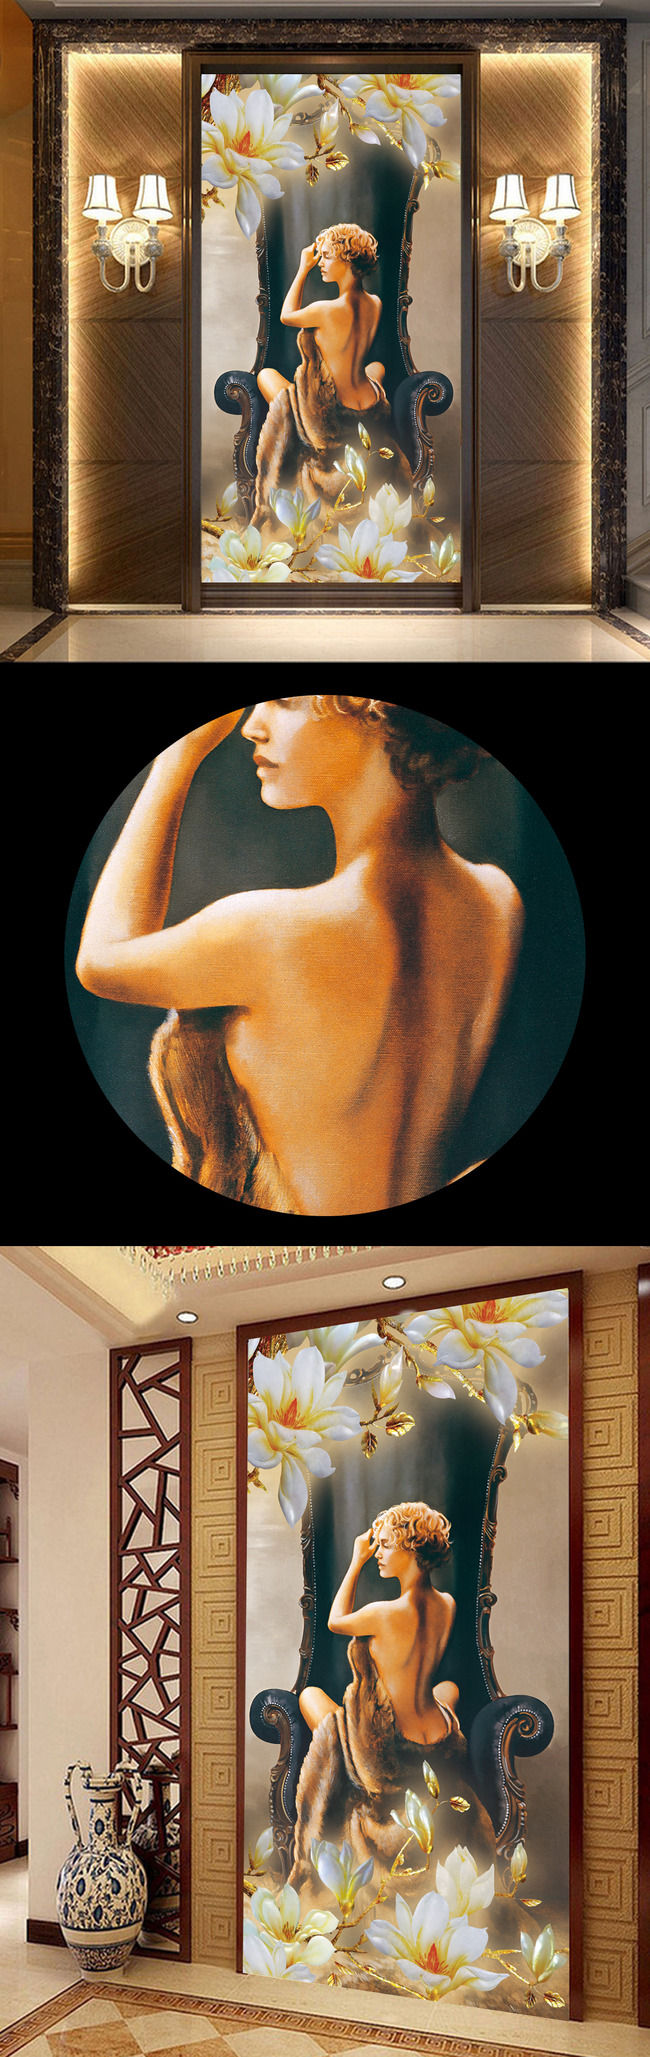 手绘古代美人出浴图